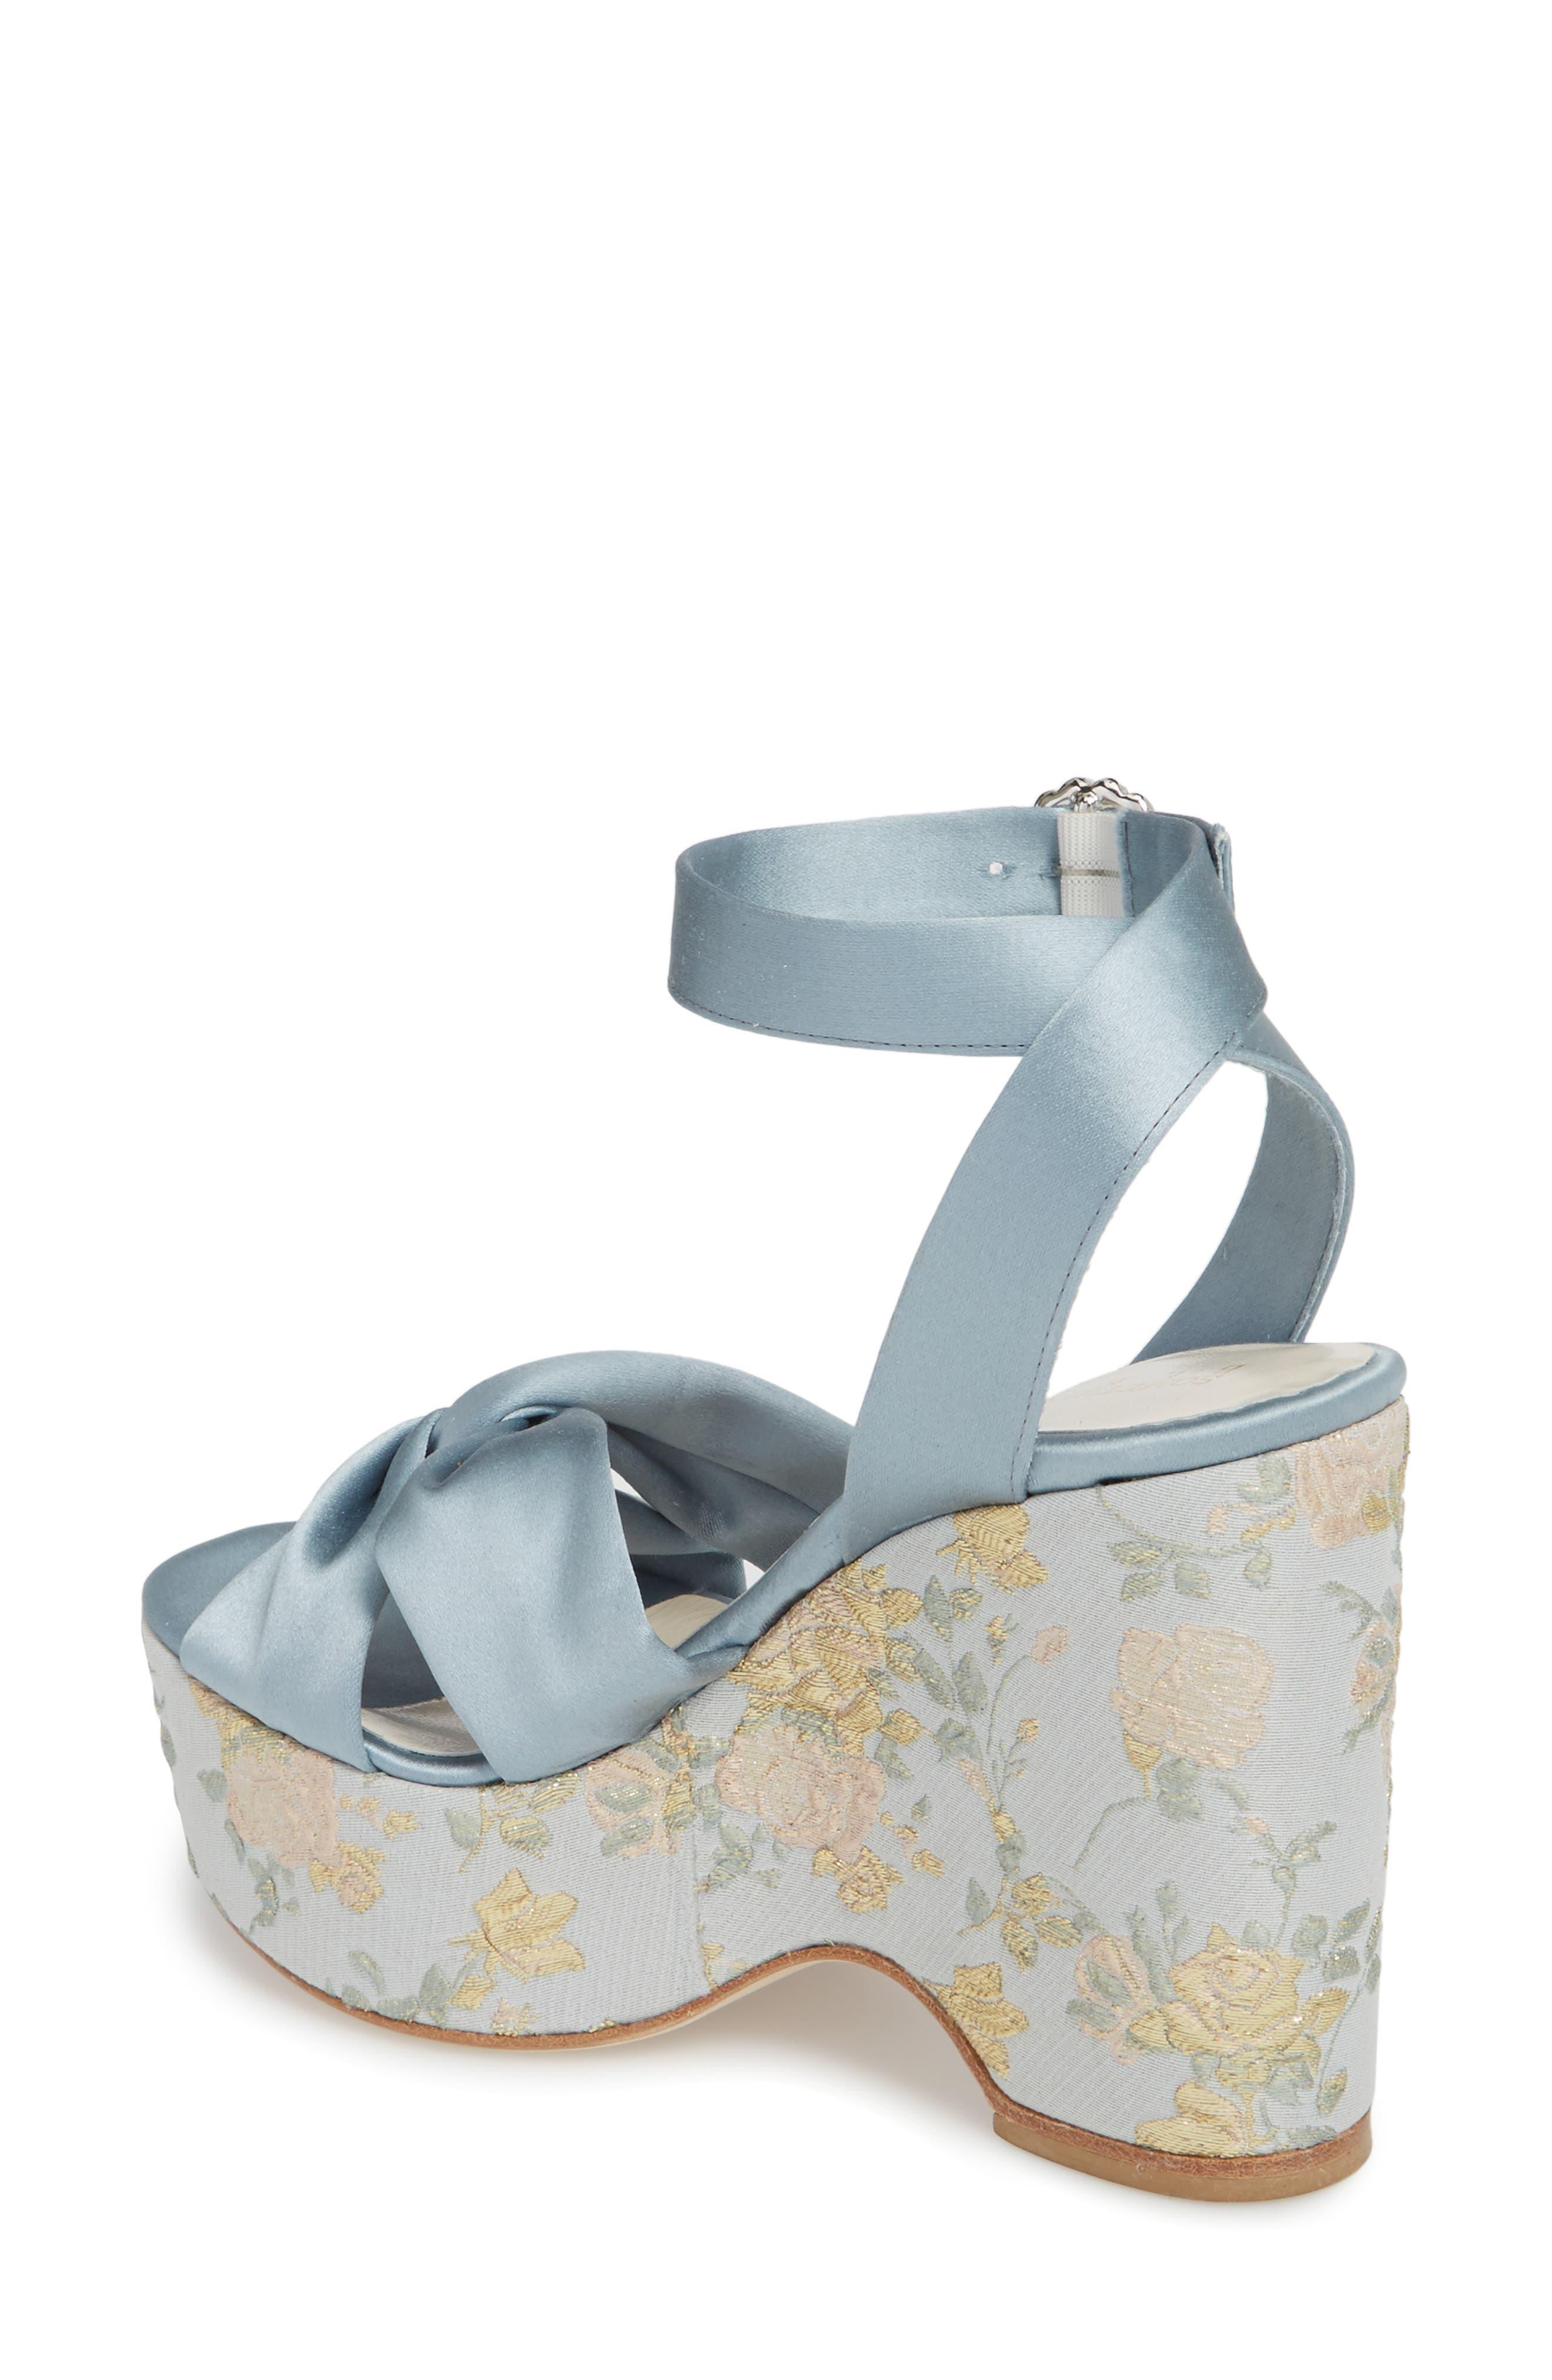 Serena Brocade Platform Sandal,                             Alternate thumbnail 6, color,